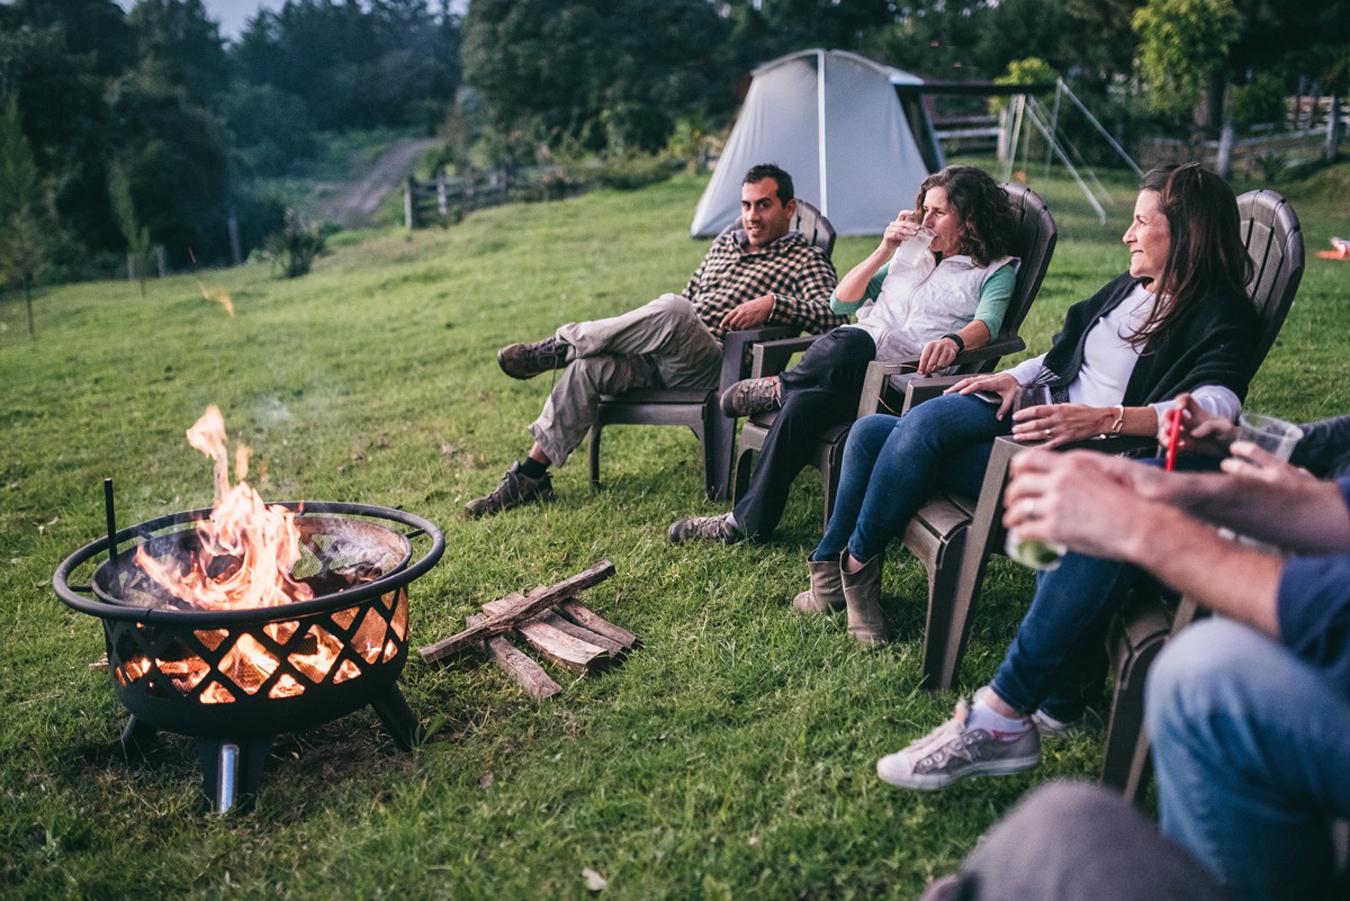 AntiguaGlamping#09 - Campfire